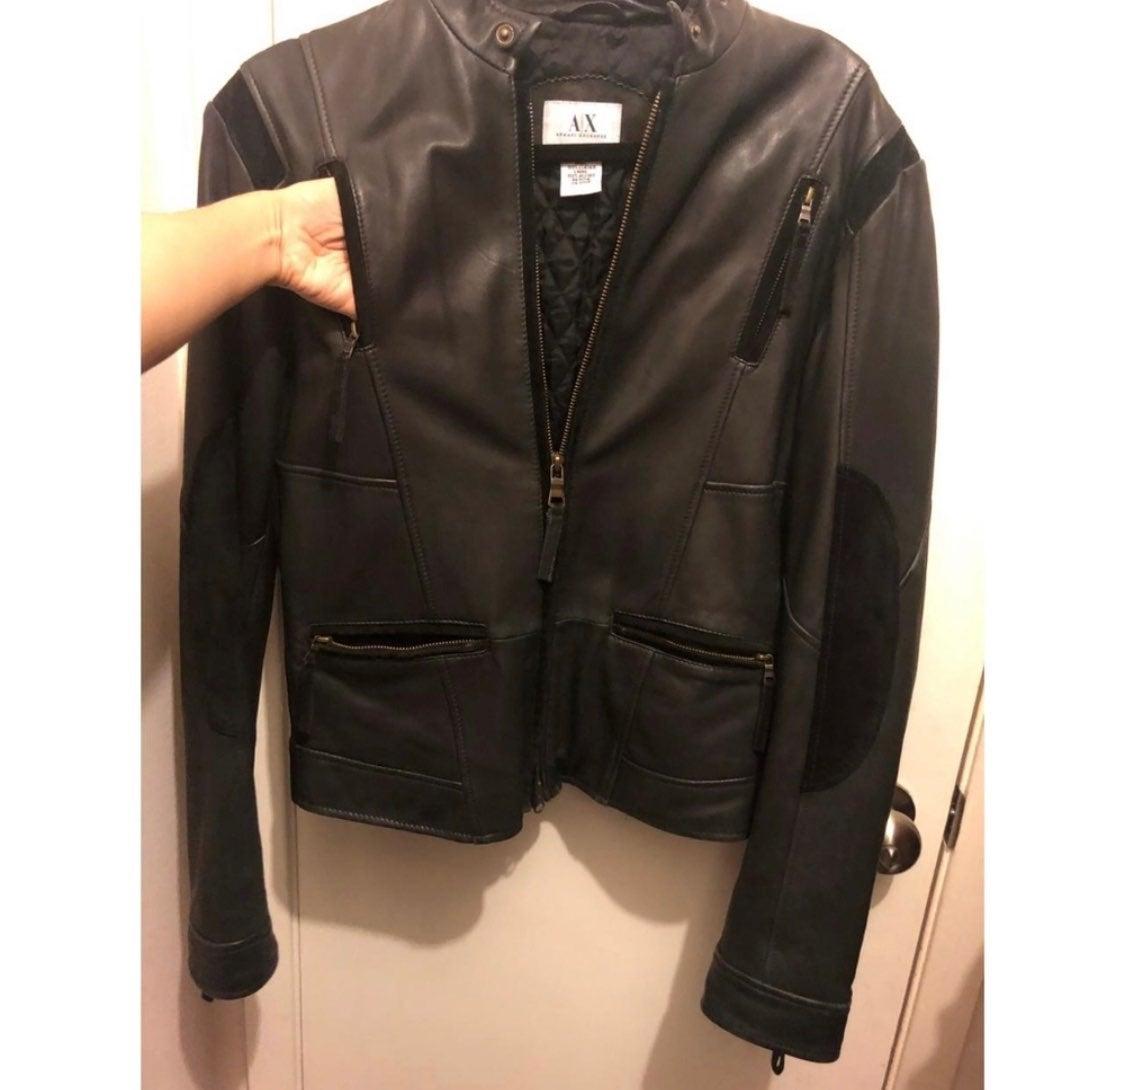 Armani Exchange leather jacket.